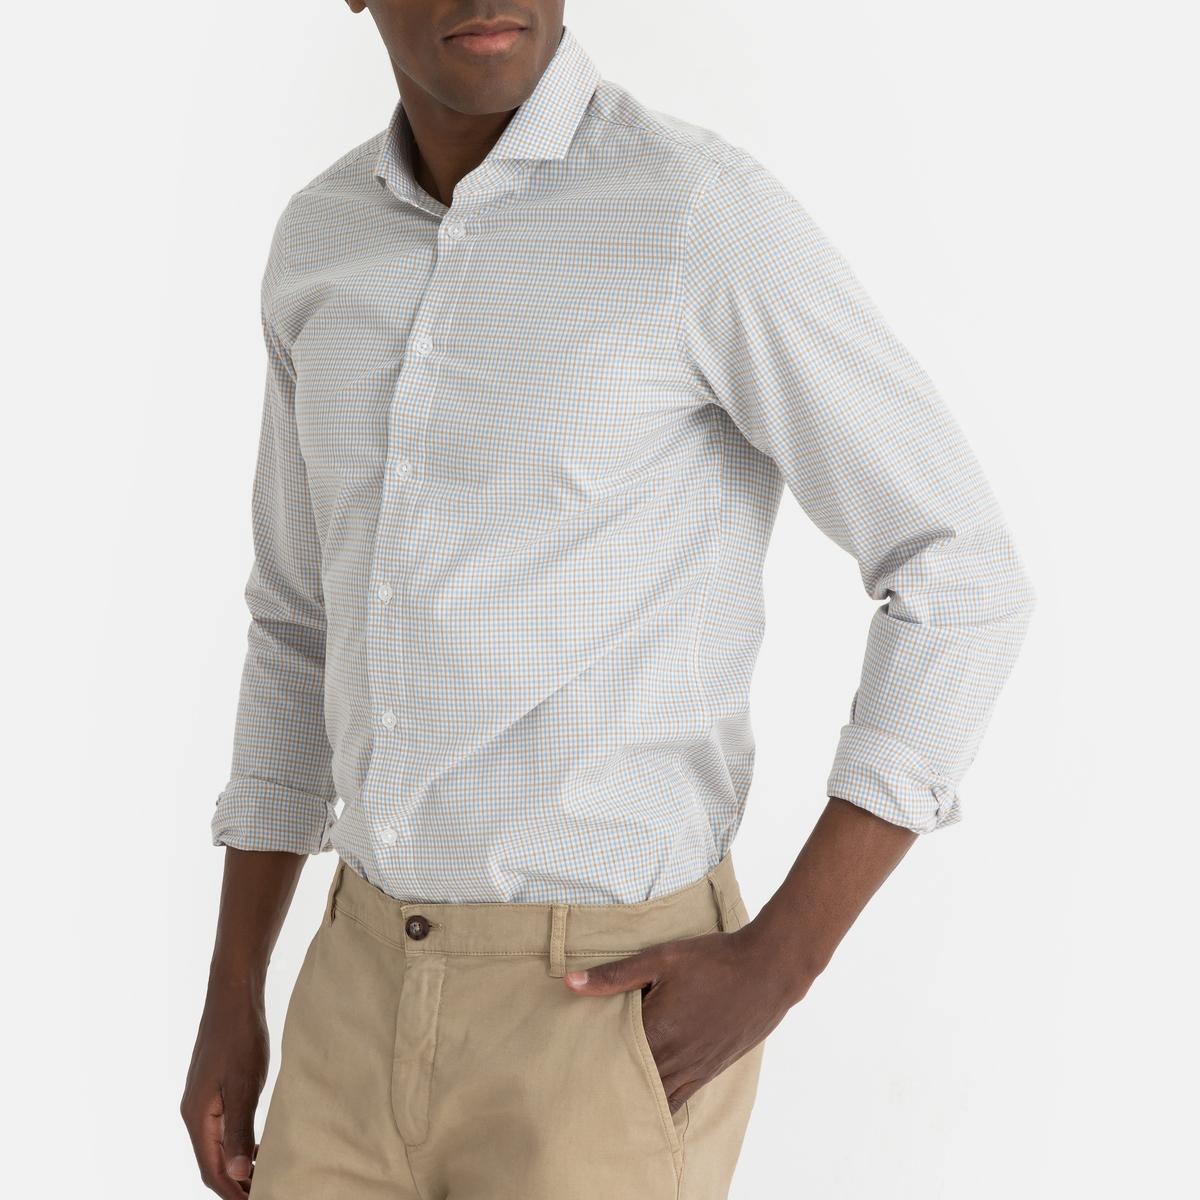 Фото - Рубашка LaRedoute Прямого покроя с рисунком в мелкую клетку и длинными рукавами 47/48 бежевый юбка laredoute джинсовая прямого покроя xs синий